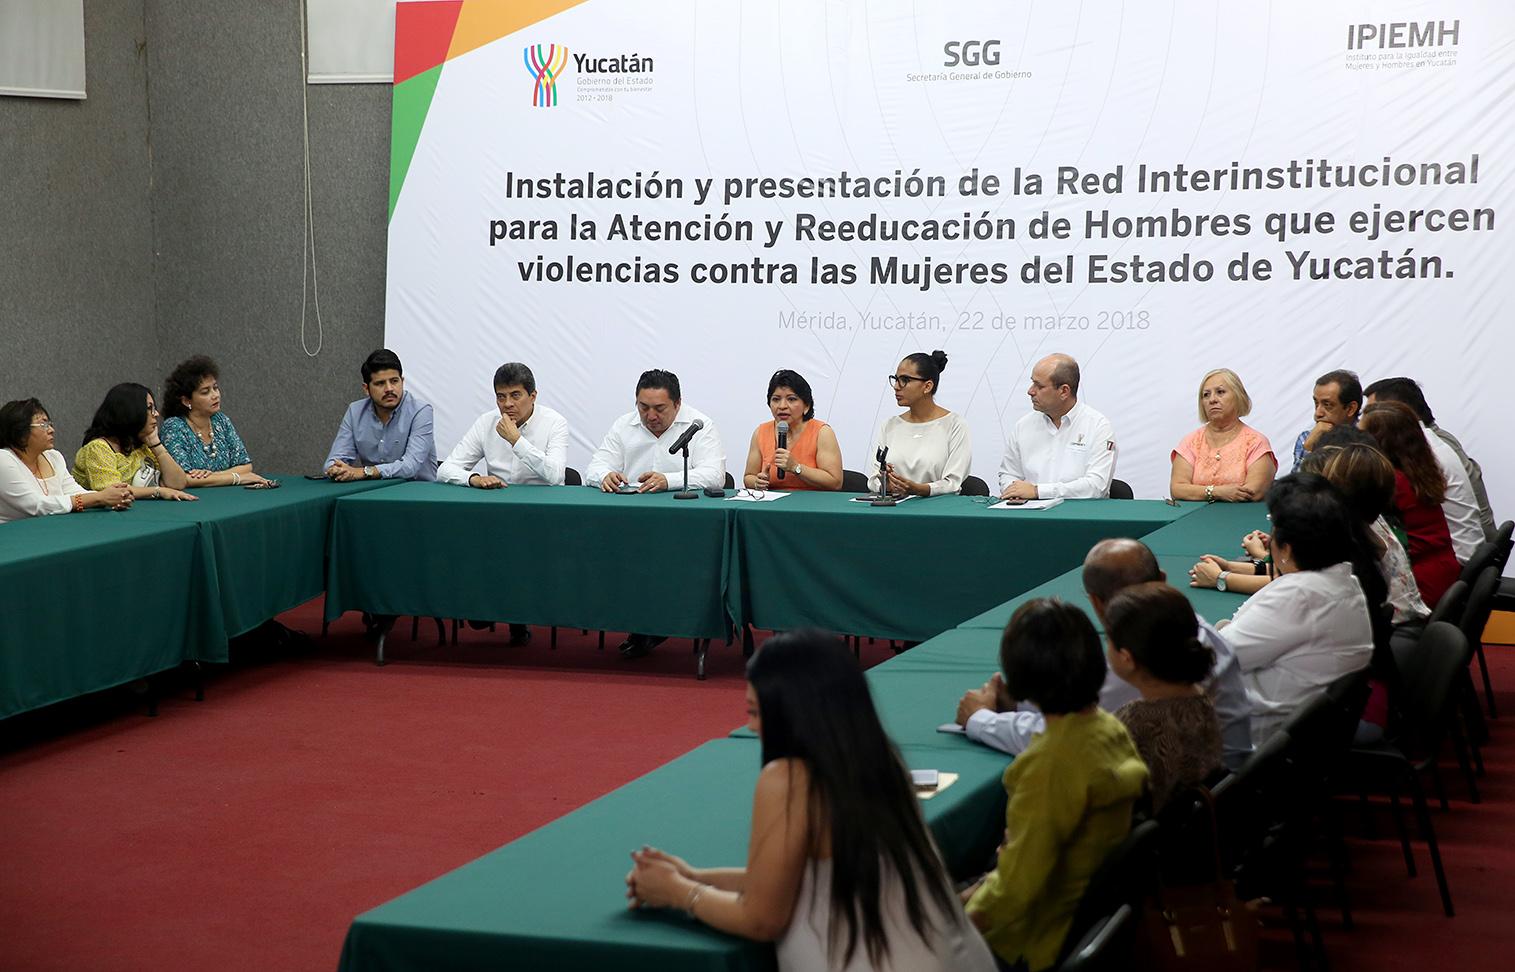 Yucatán entrega Informe sobre solicitud de Alerta de Violencia de Género